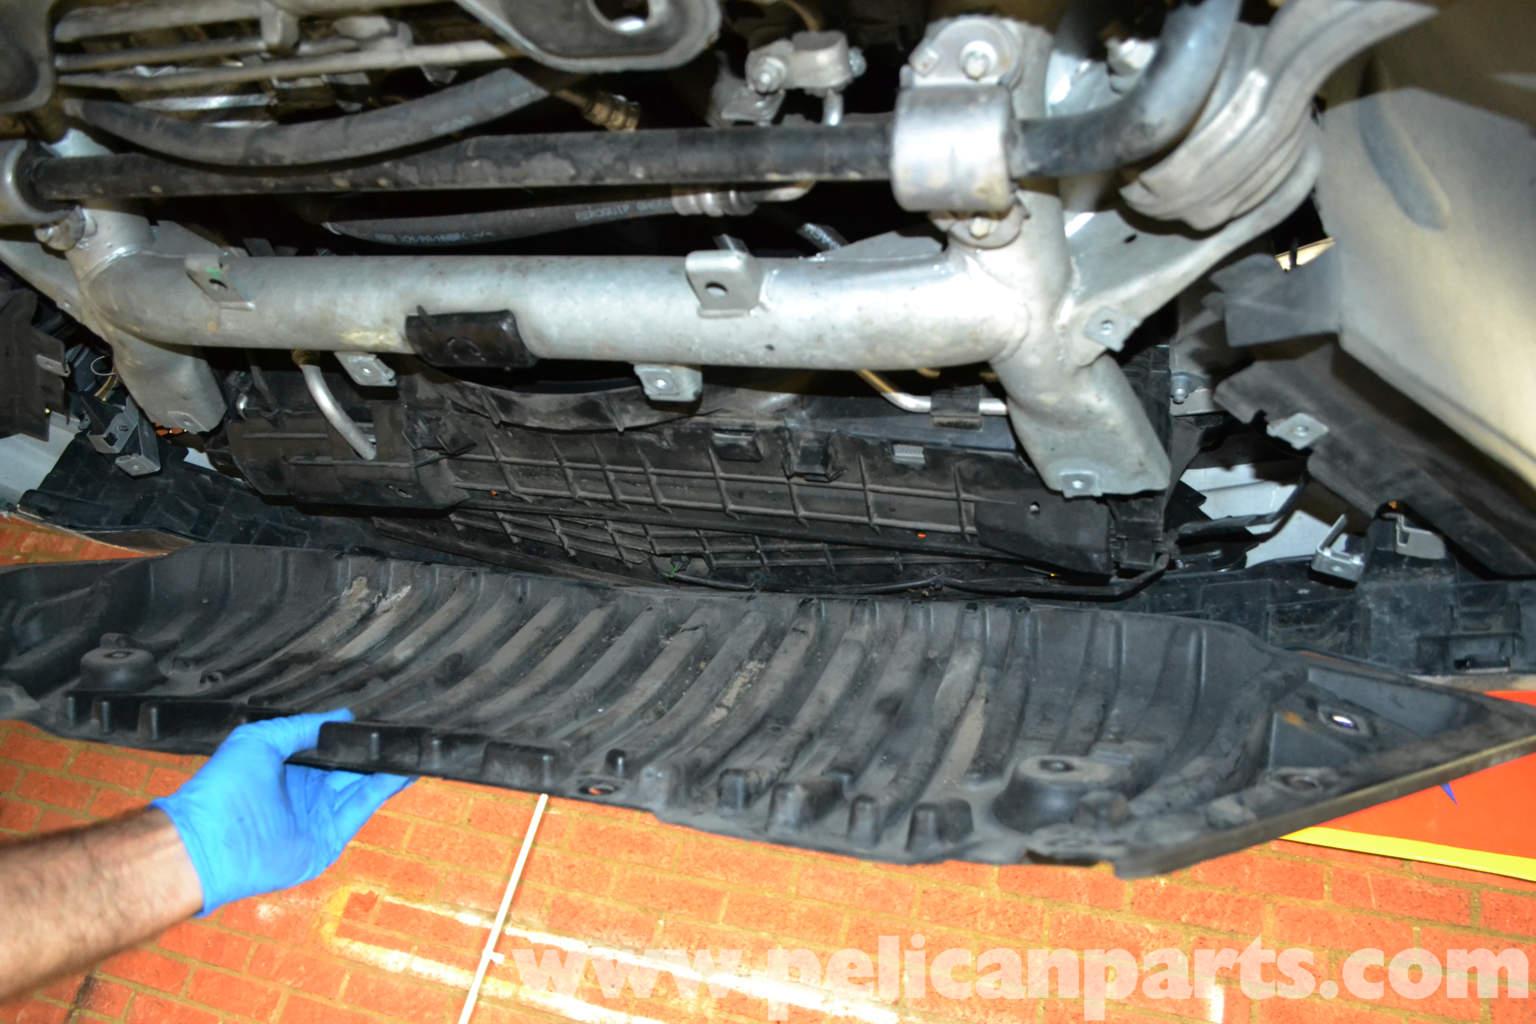 Mercedes benz w204 ambient air temperature sensor for Mercedes benz installing parking sensors aftermarket